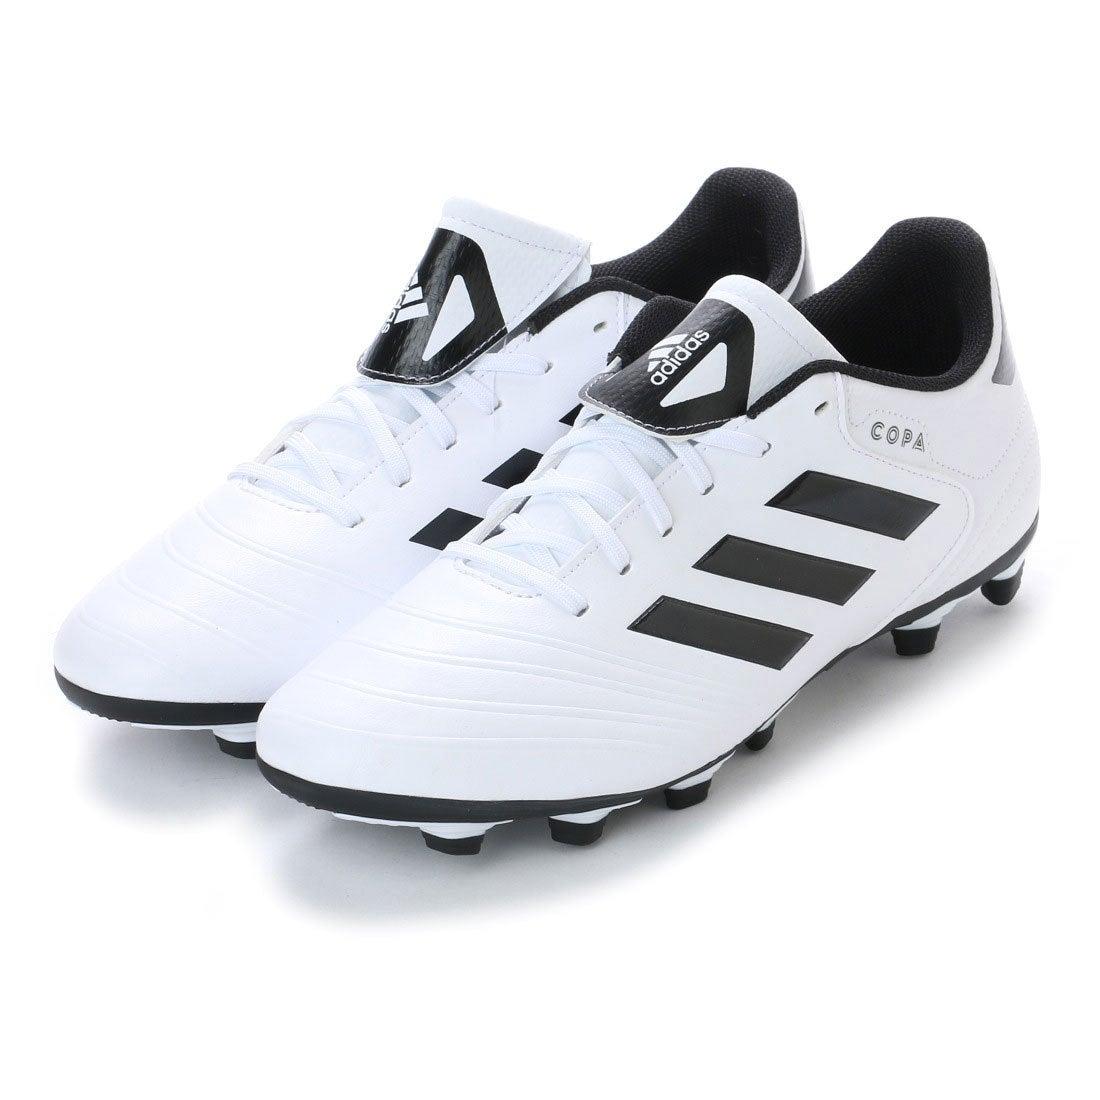 【SALE 35%OFF】アディダス adidas サッカー スパイクシューズ コパ 18.4 AI1 BB6359